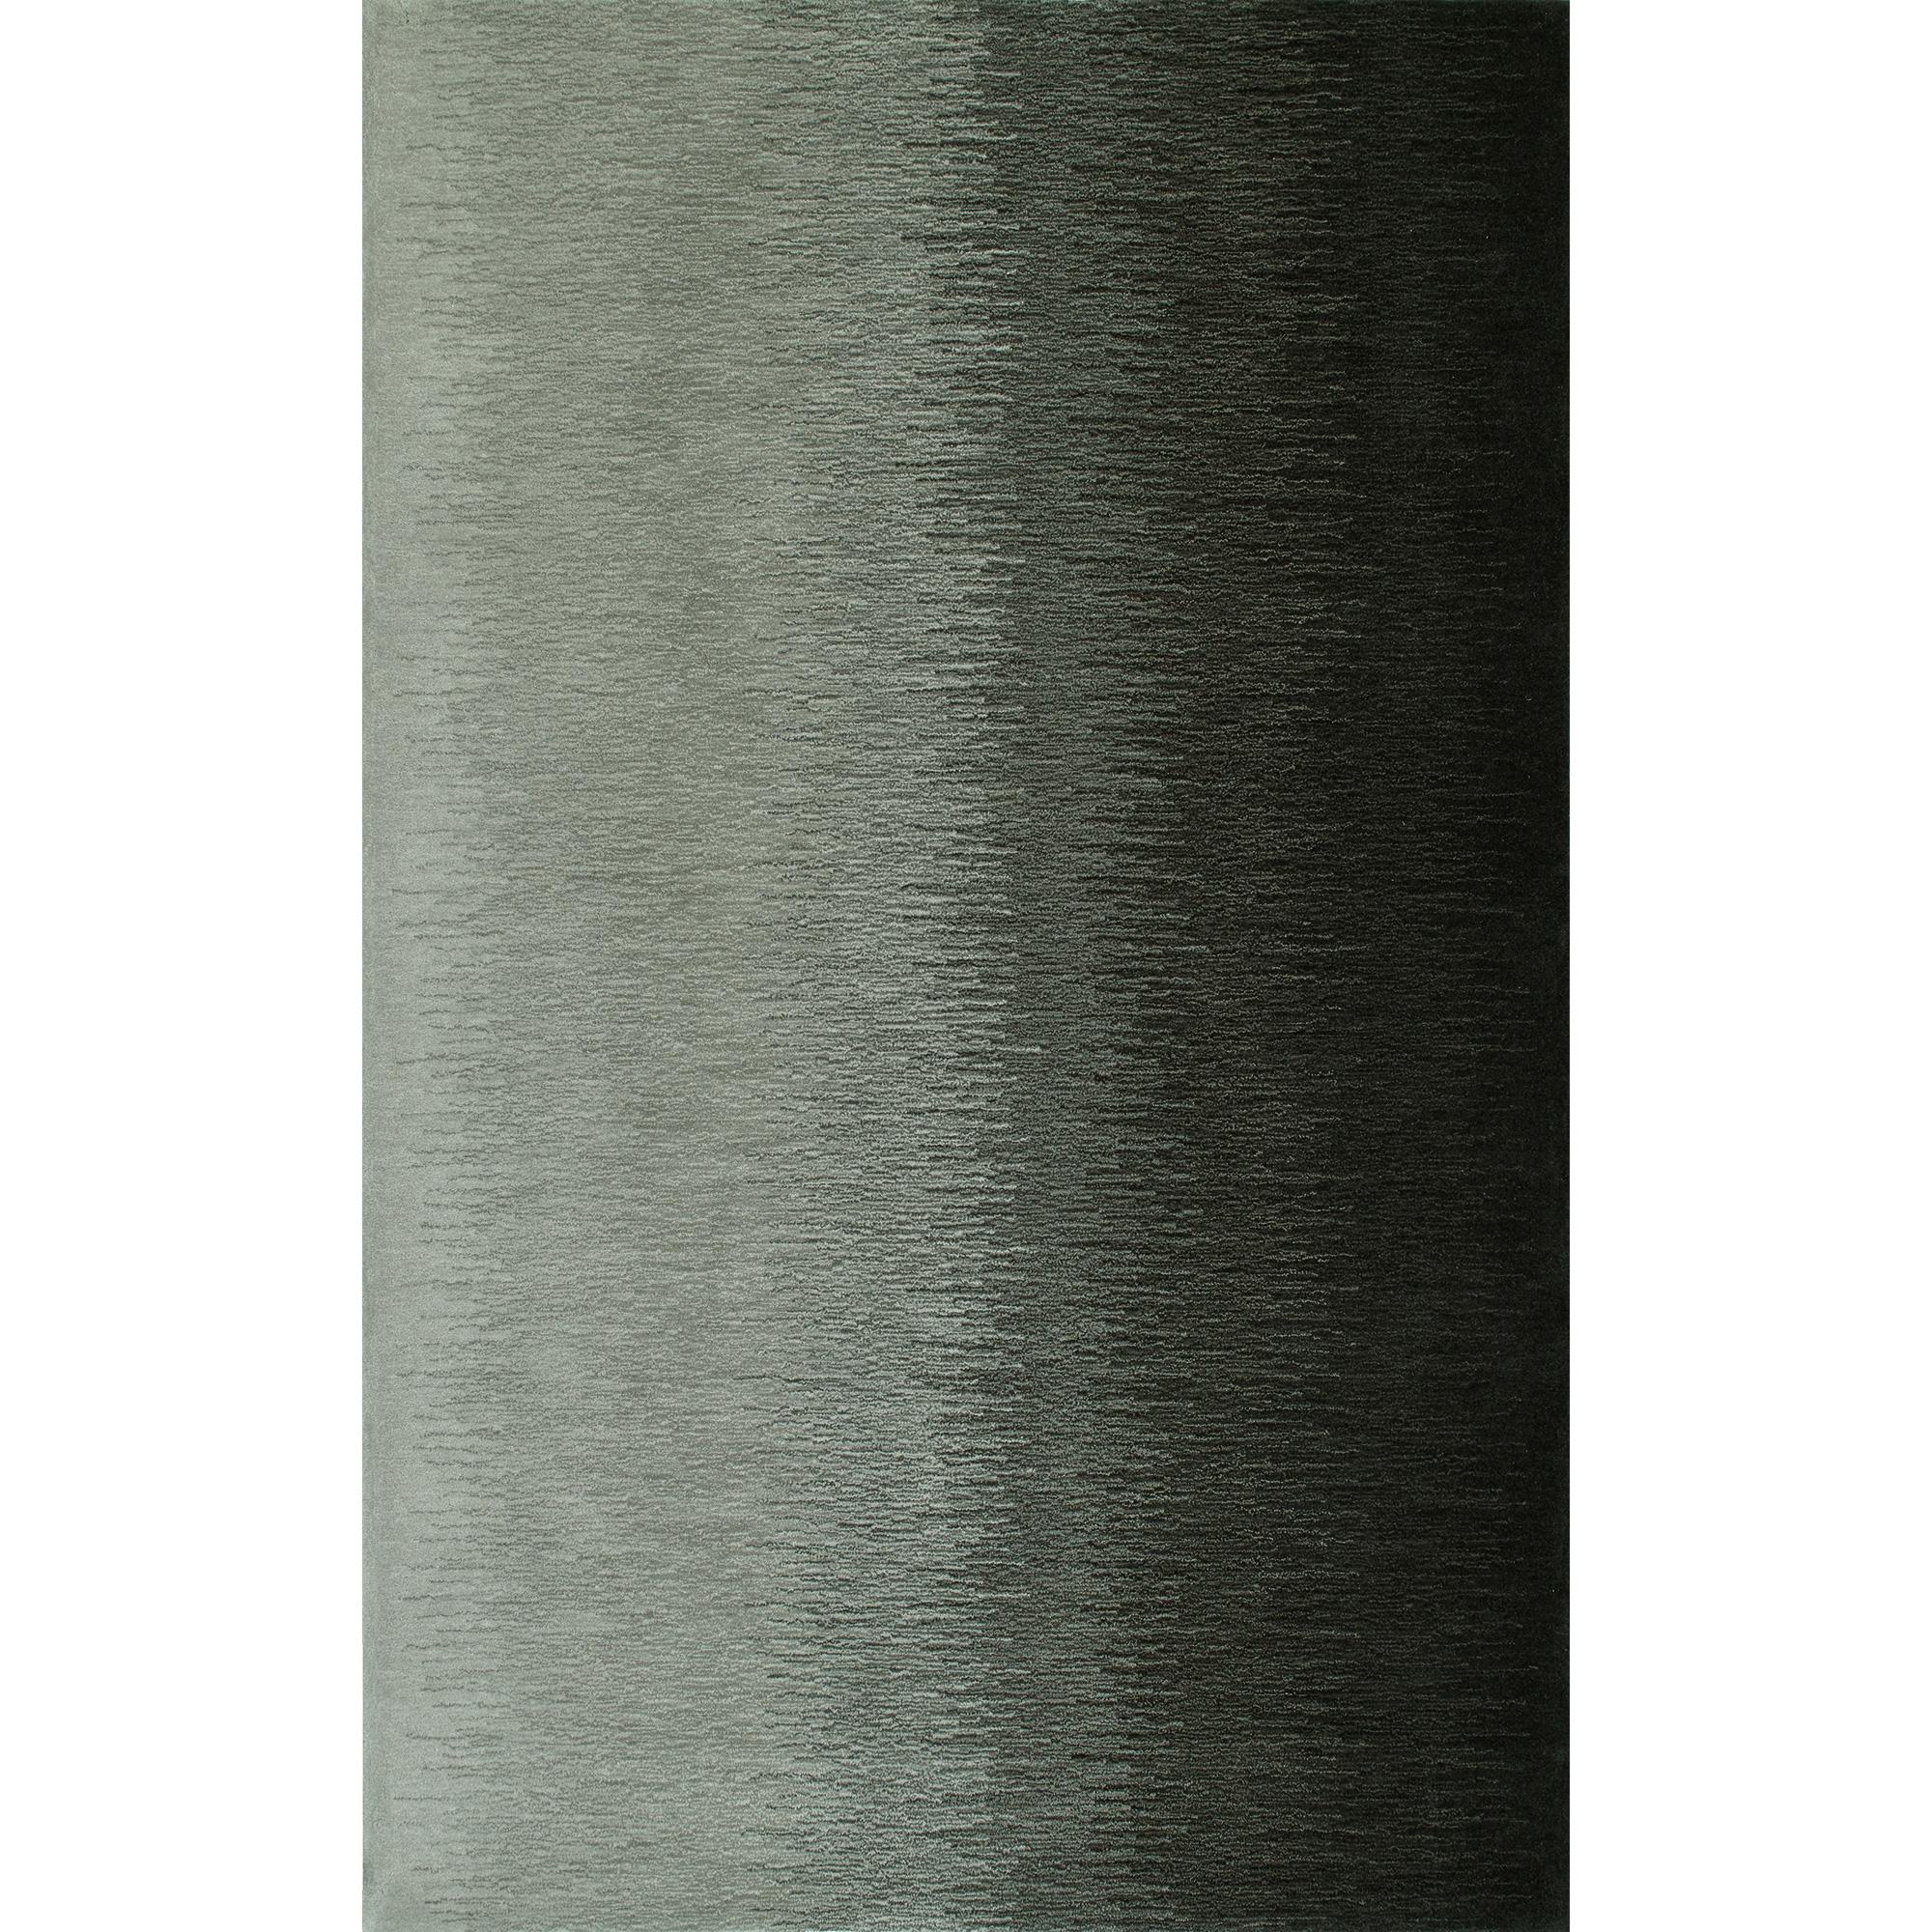 Dalyn Rug Company | Delmar Graphite 5x8 Area Rug